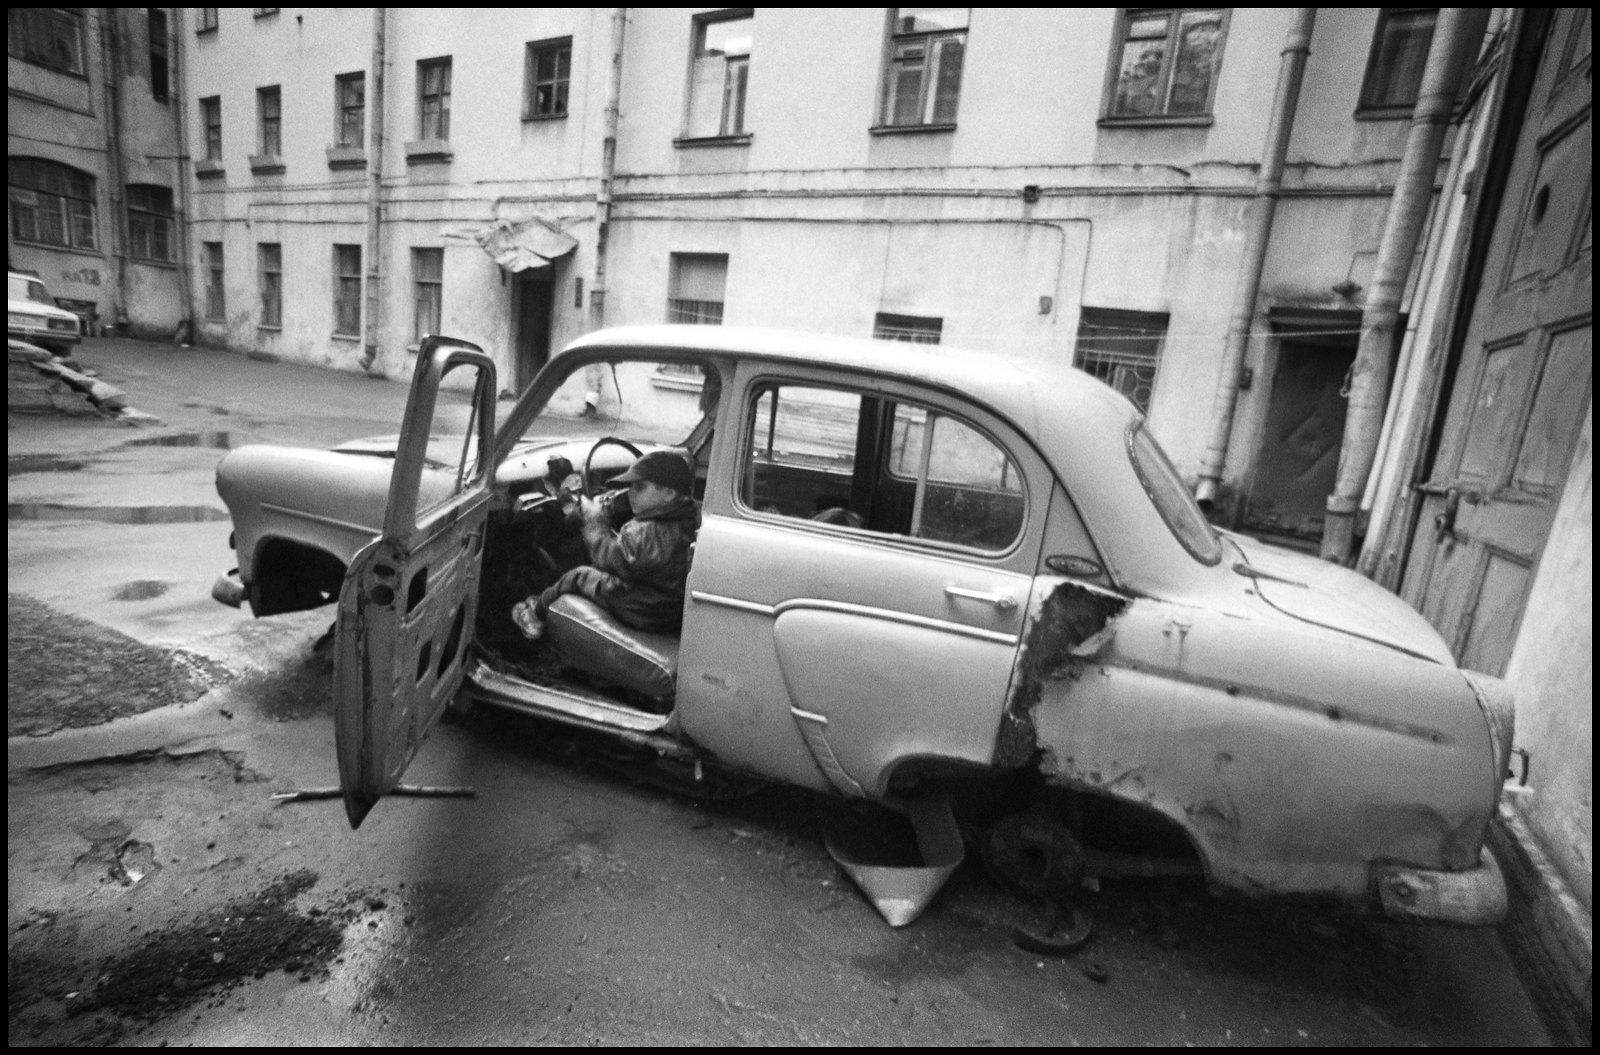 Дворы на Галерной. Мальчик в разбитой машине.